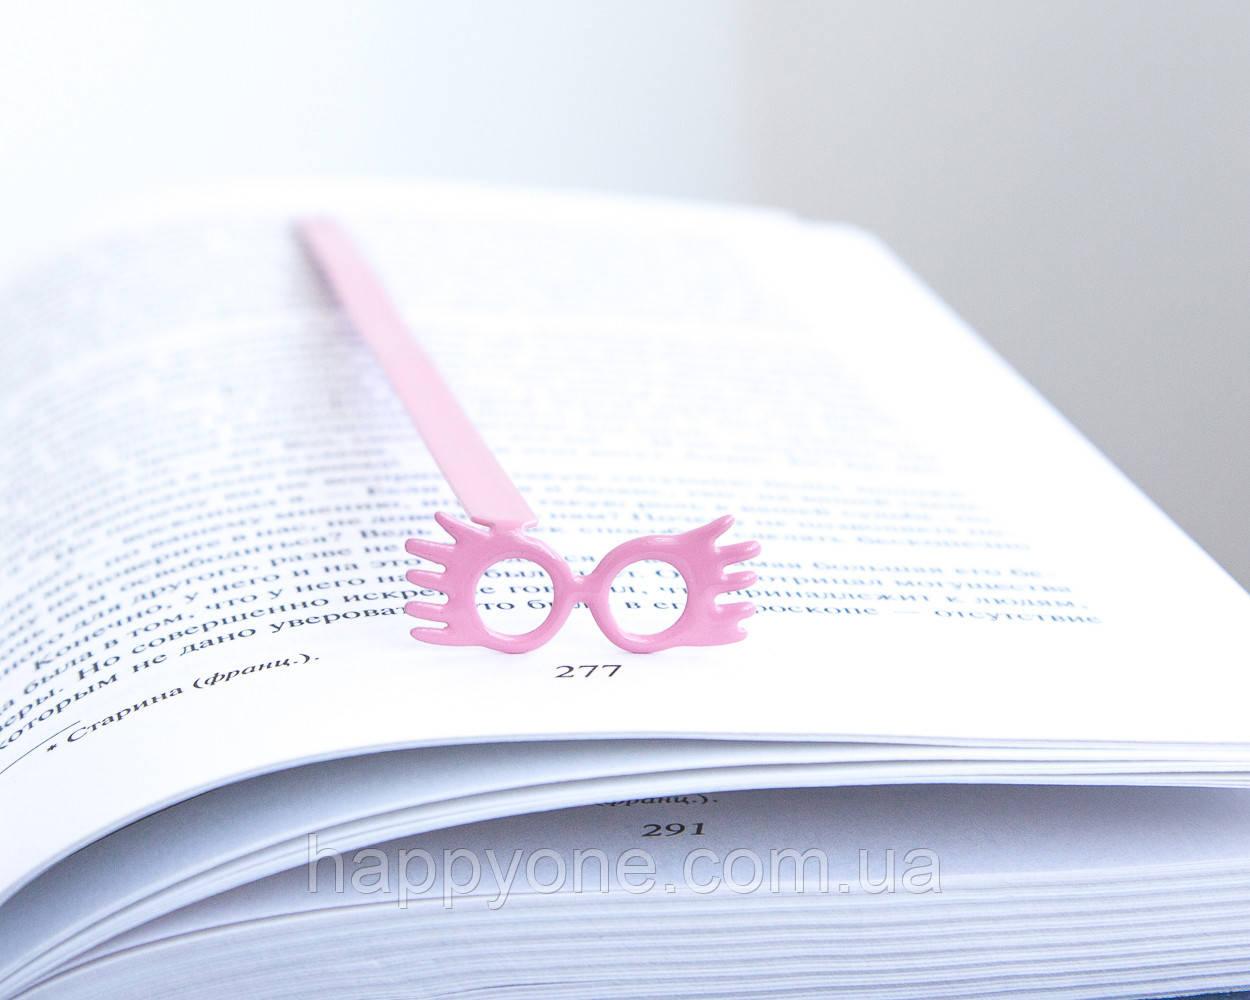 Закладка для книг Очки Полумны Лавгуд